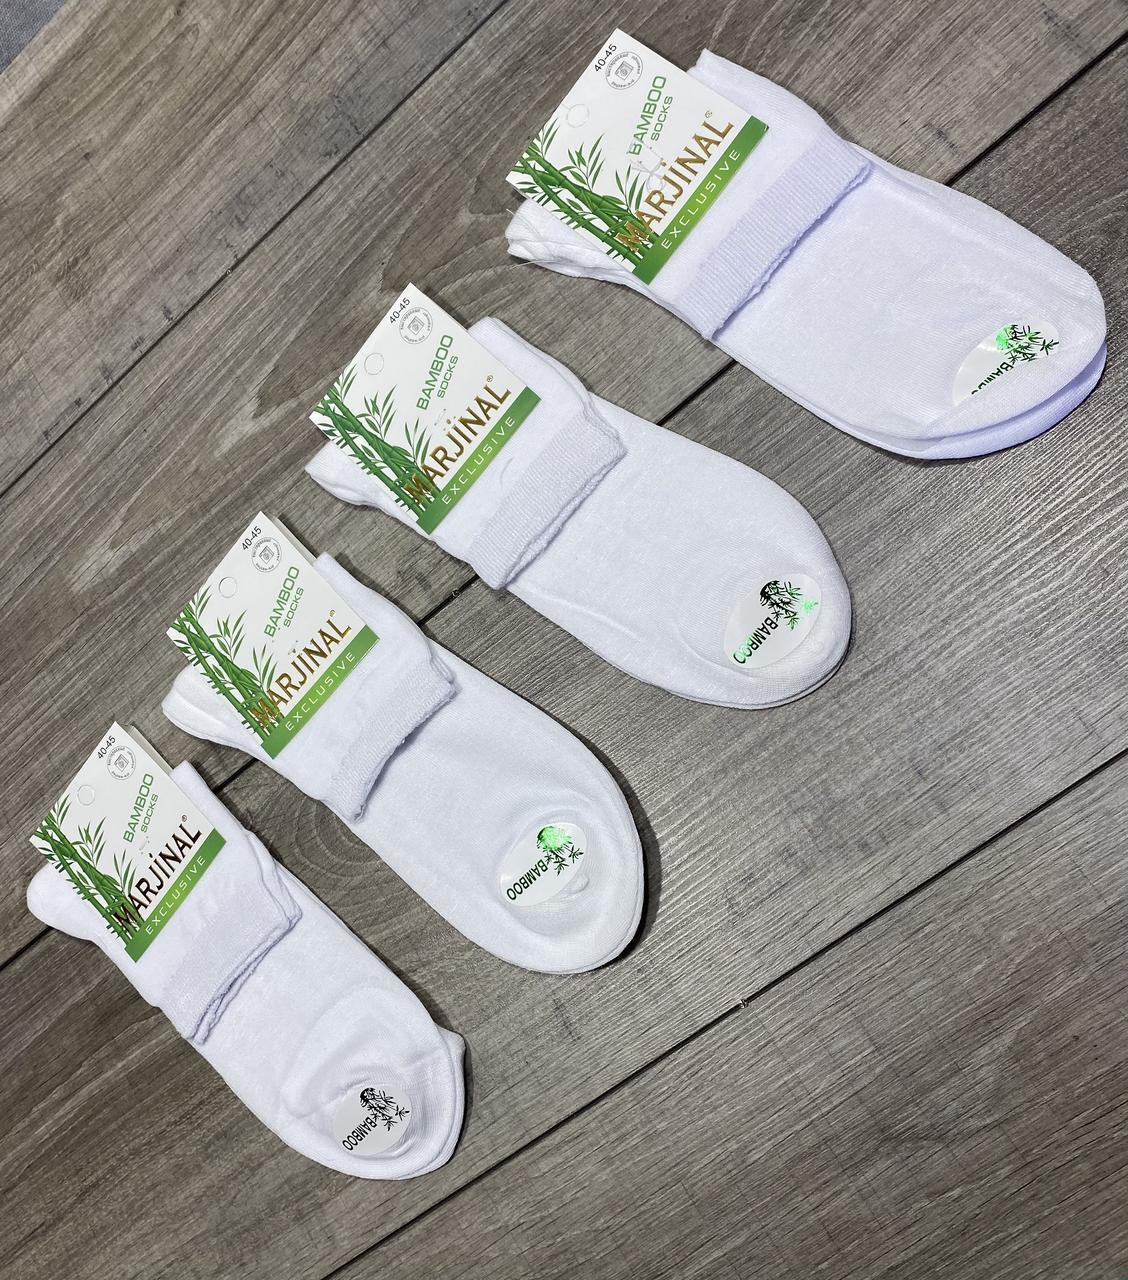 Мужские демисезонные носки Marjinal белые однотонные бамбук средние размер 40-45 6 шт